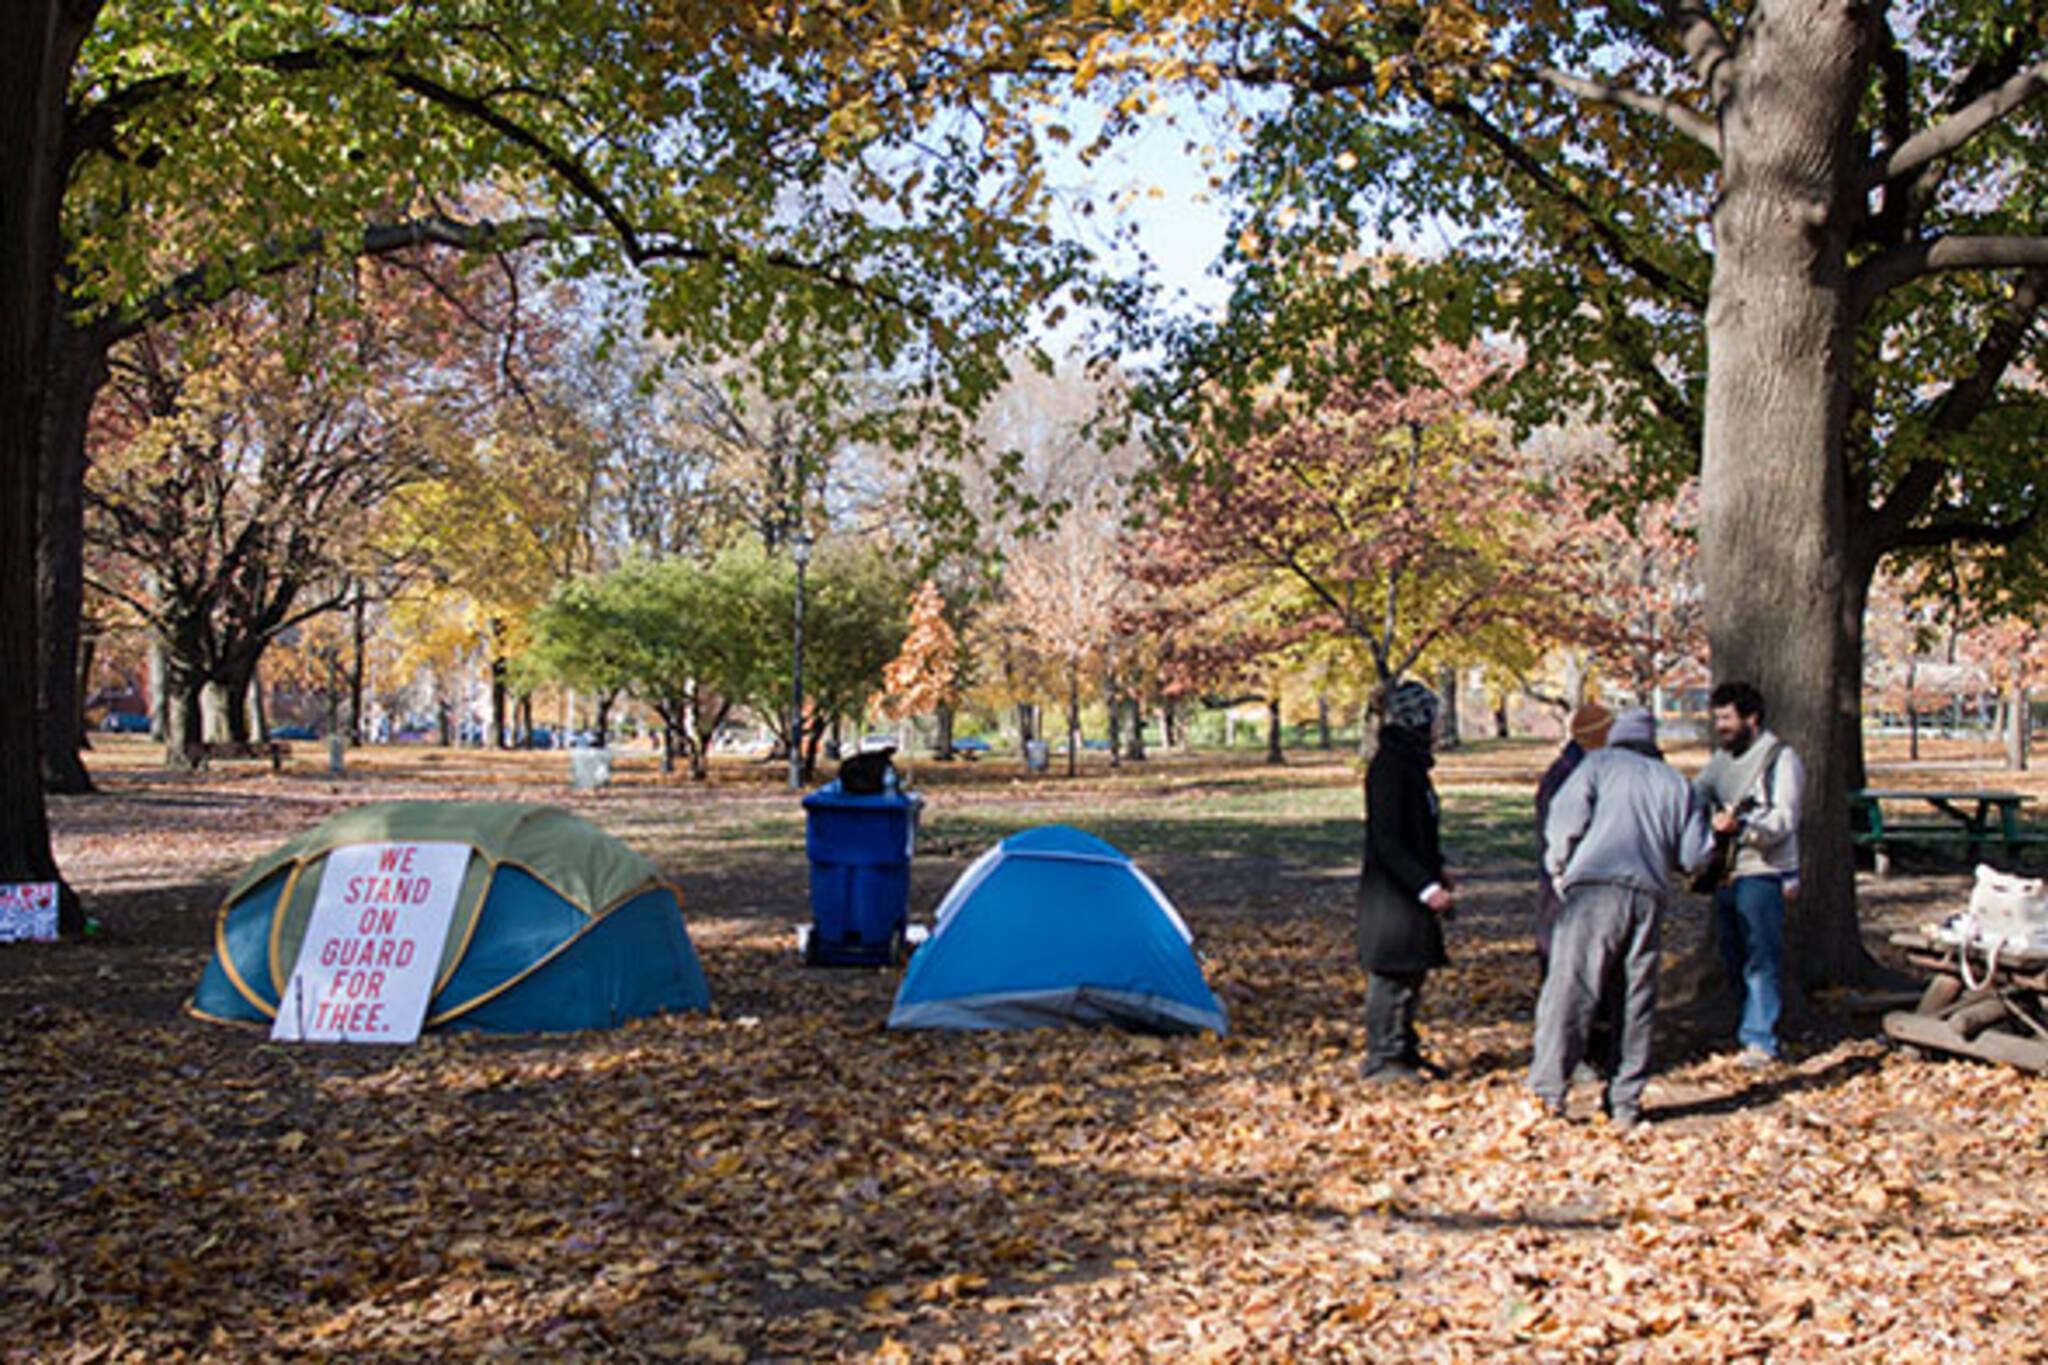 Occupy Toronto second camp